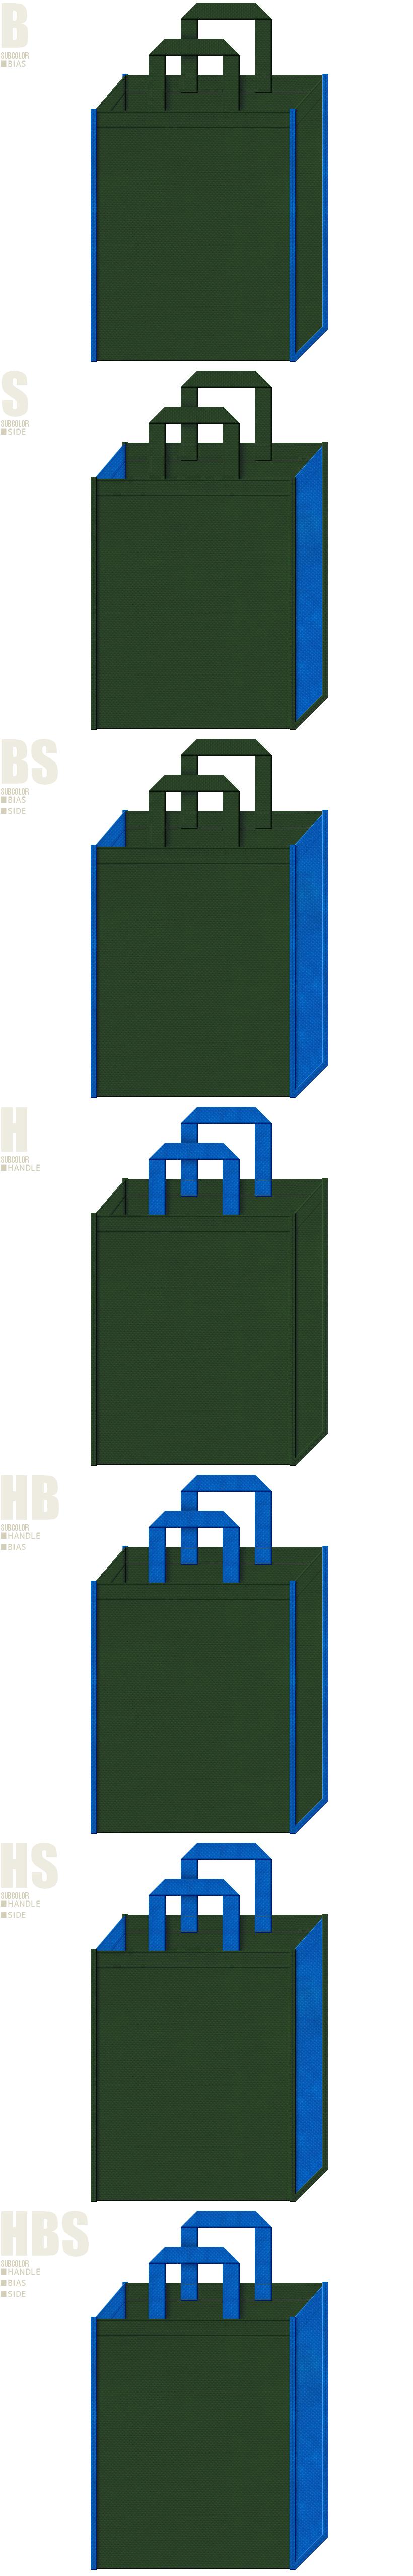 不織布トートバッグのデザイン例-不織布メインカラーNo.27+サブカラーNo.22の2色7パターン